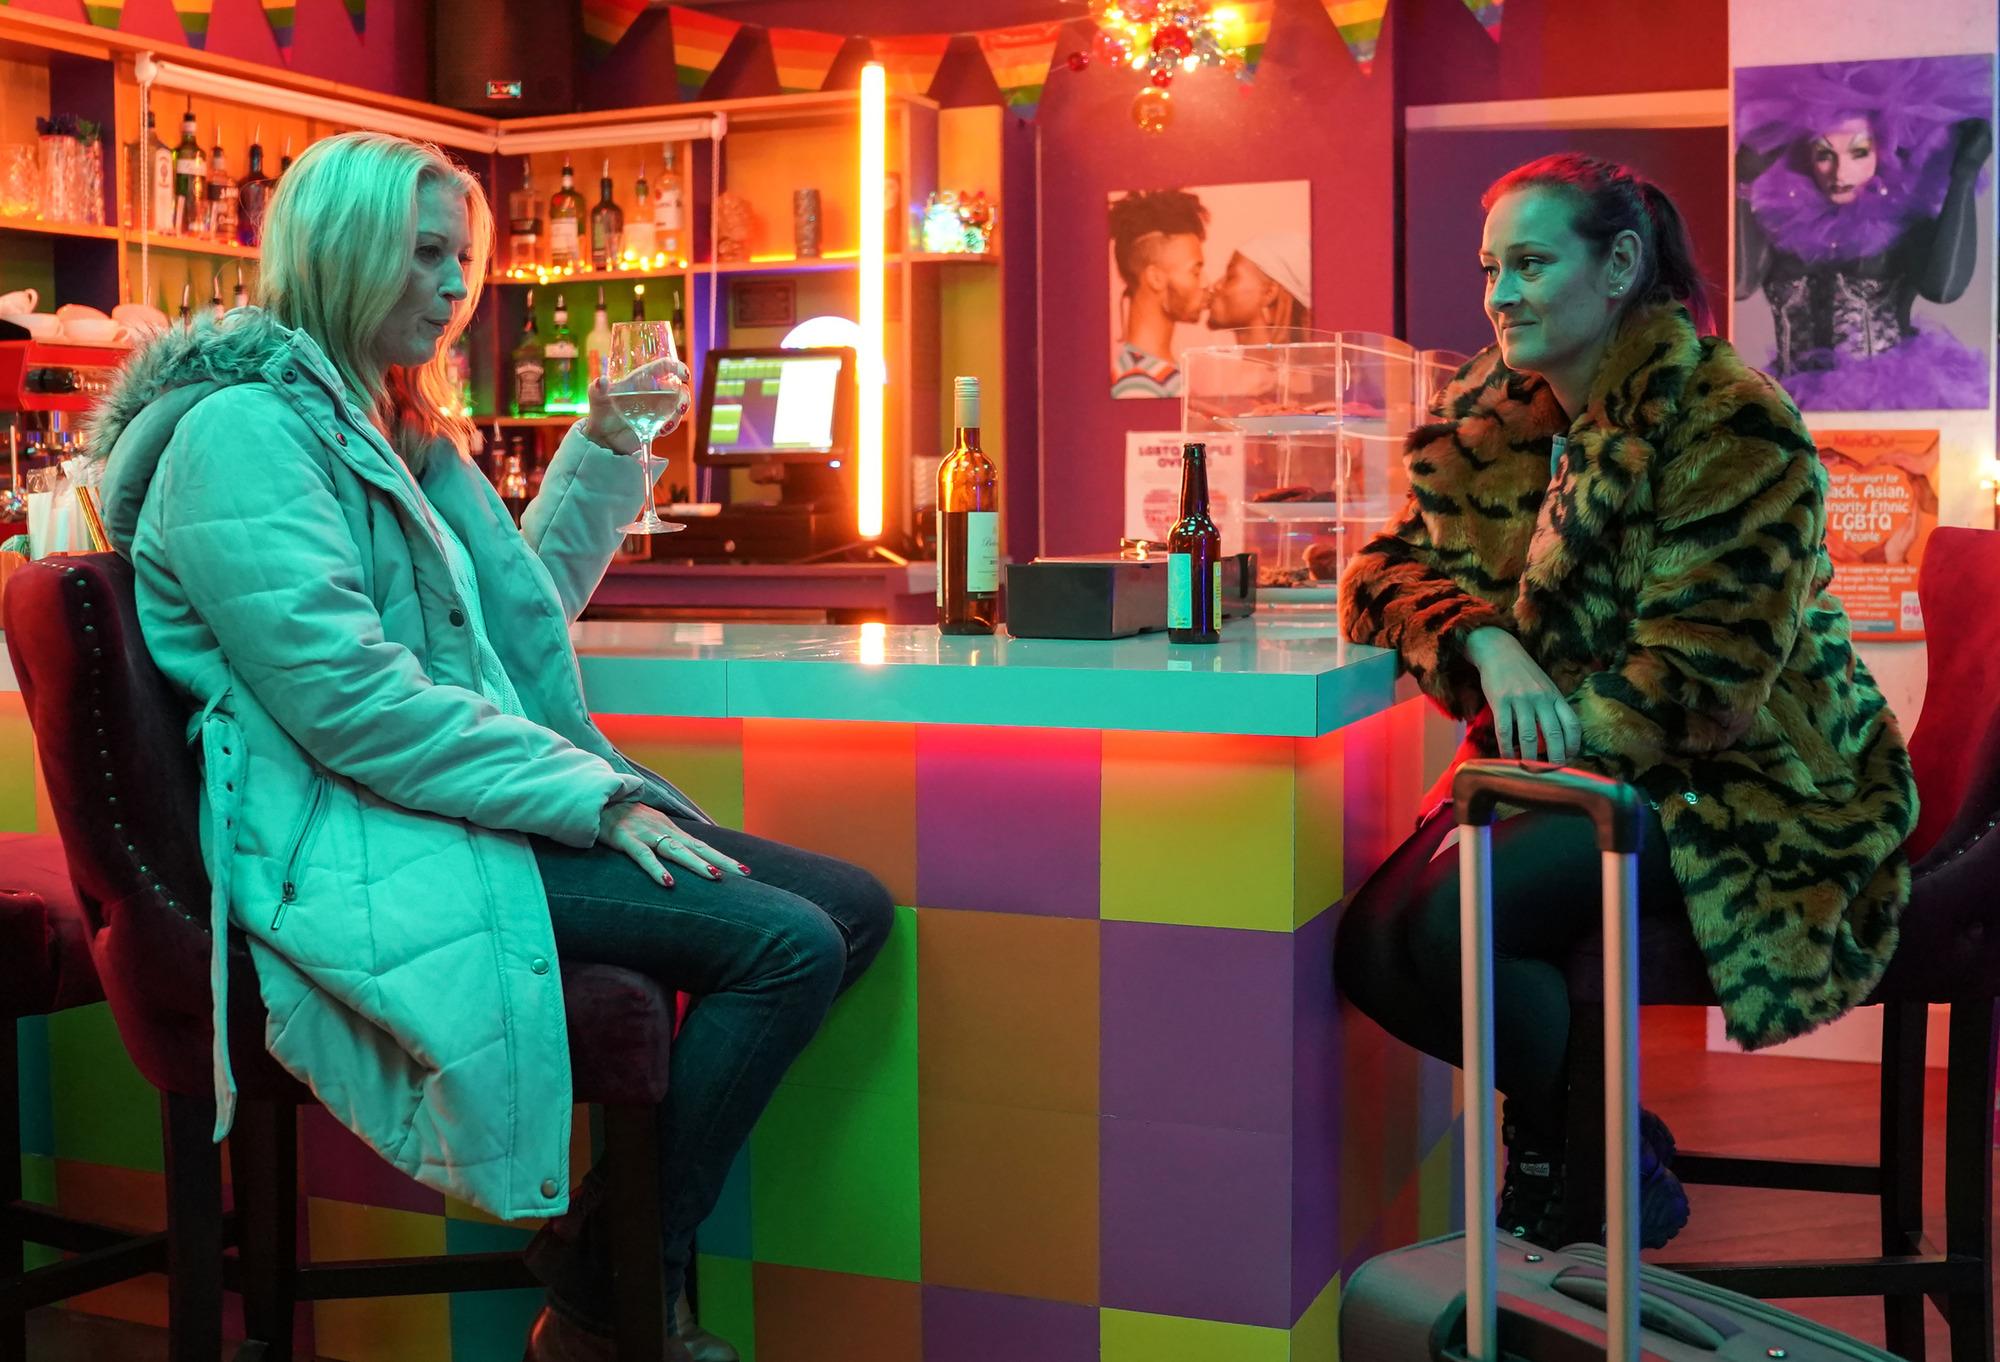 Tina le pregunta a Kathy si puede quedarse con ella en EastEnders